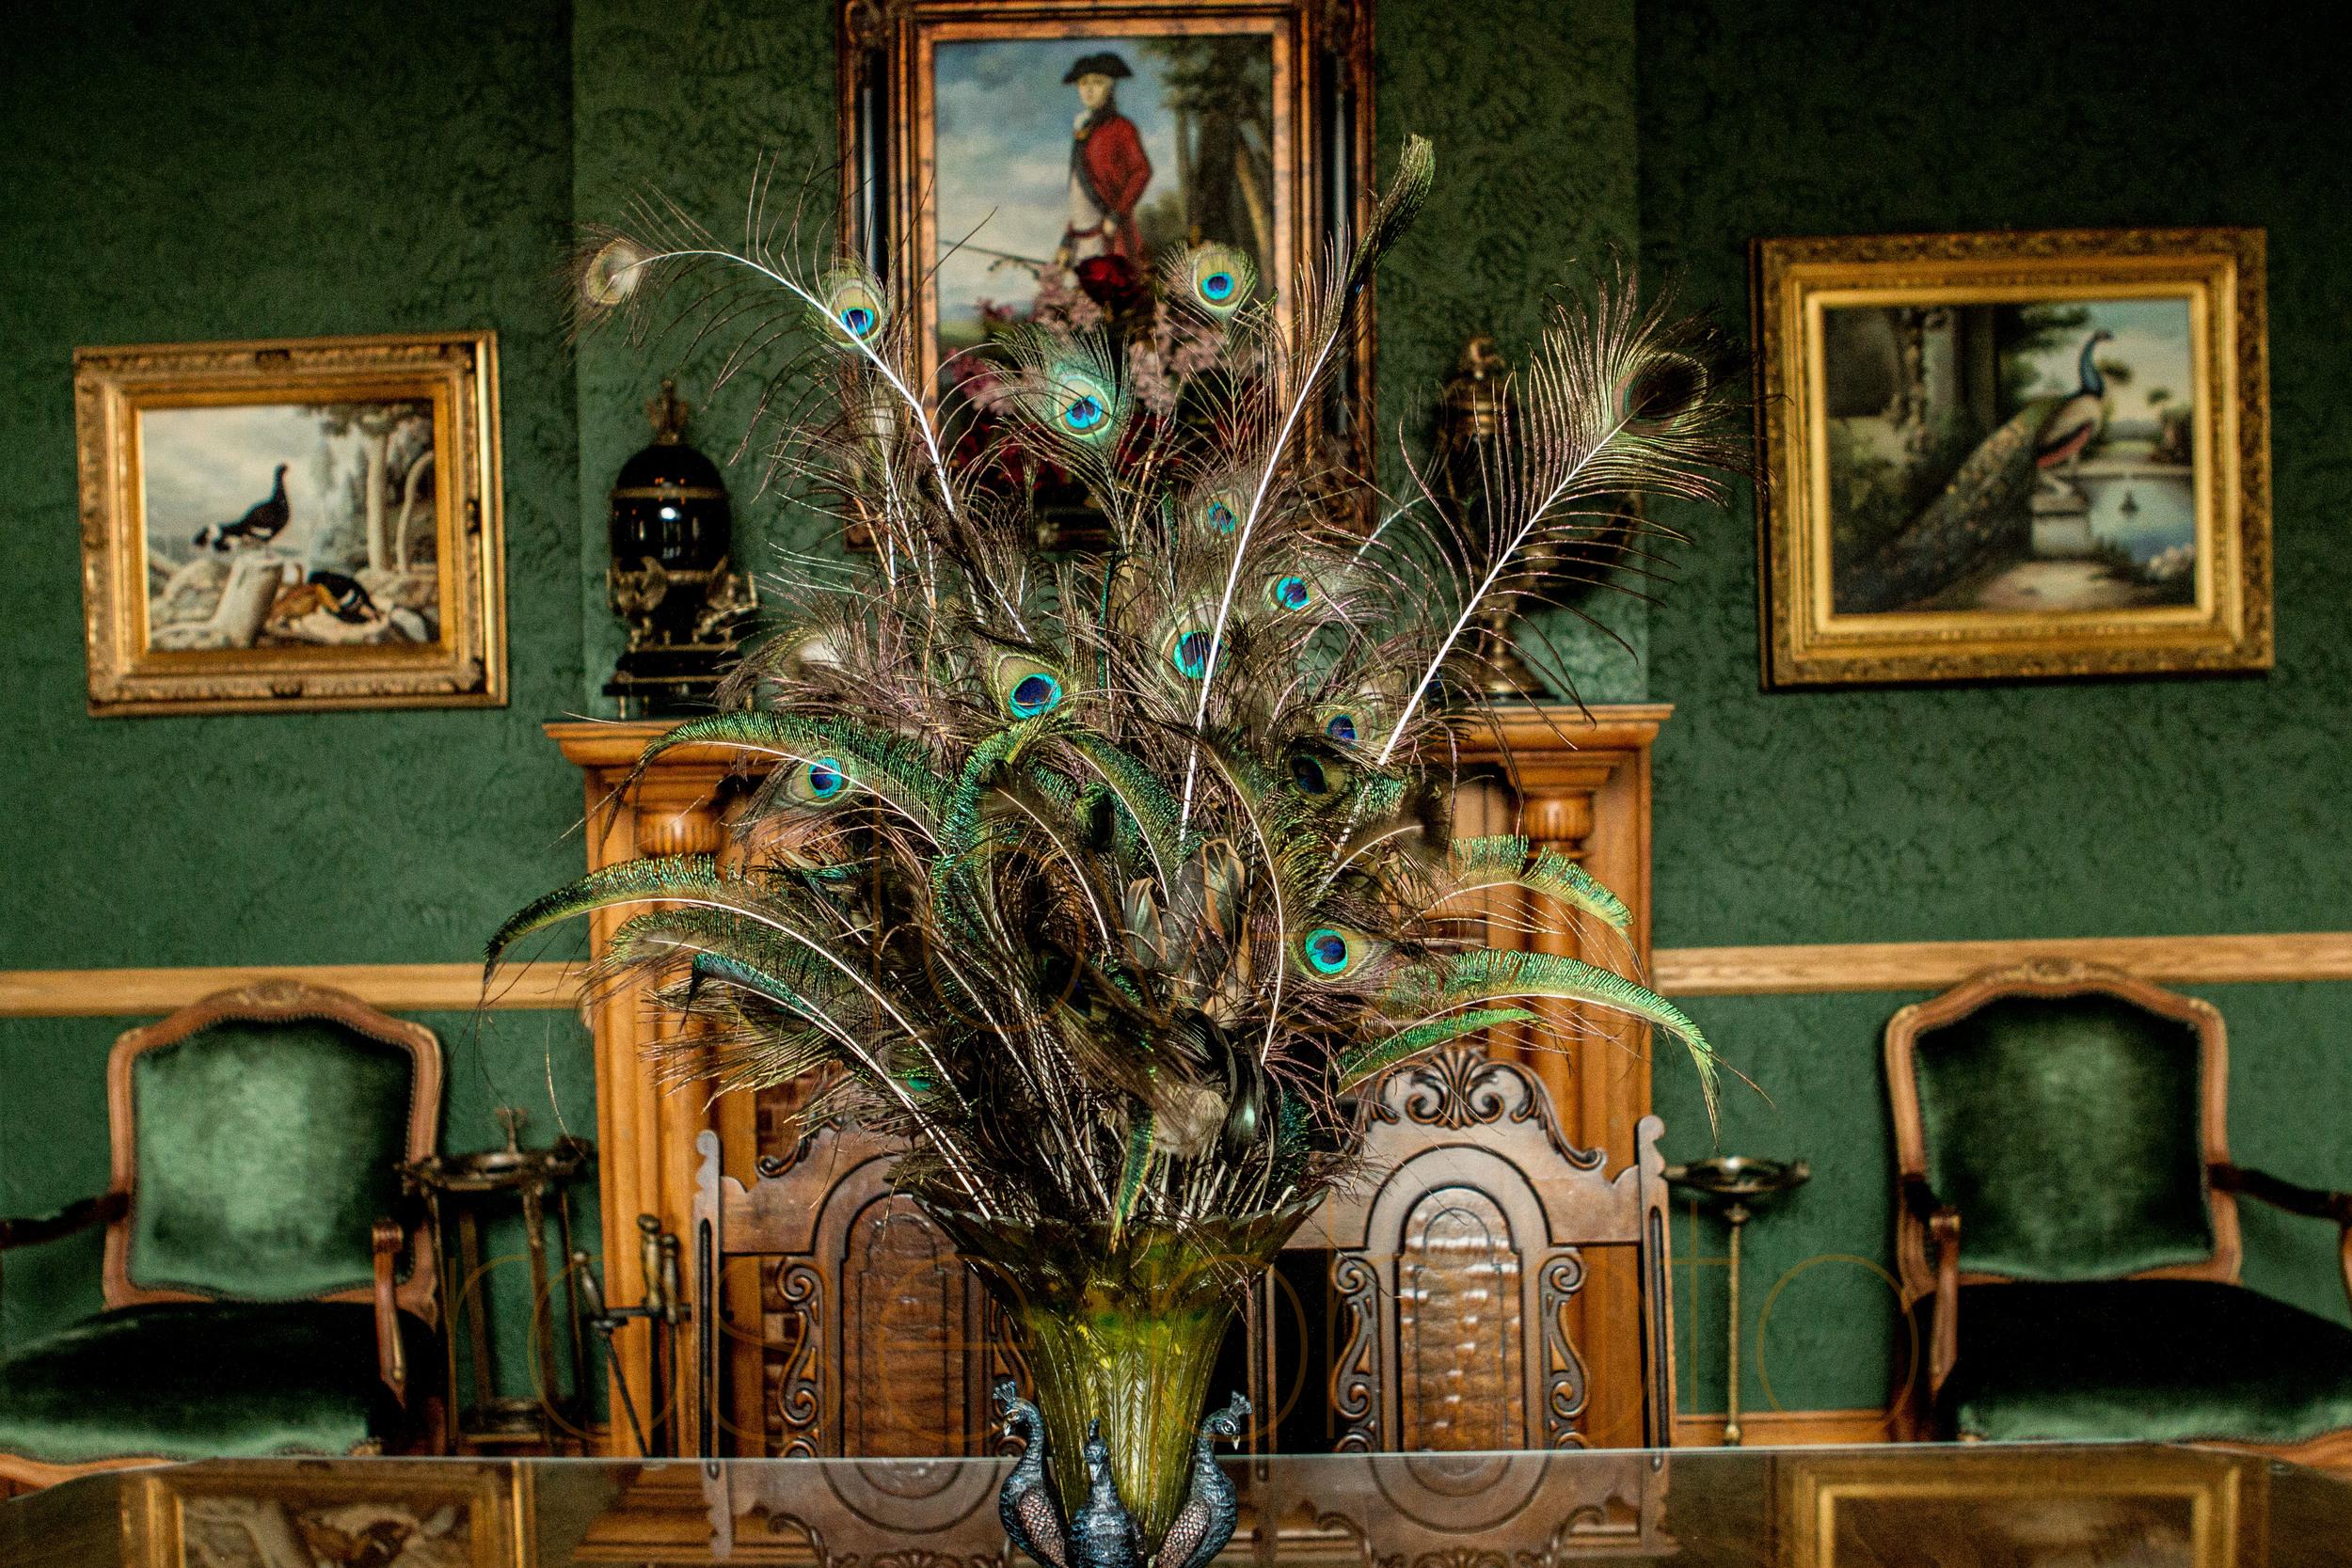 ellen + bryan chicago wedding joliet james healy mansion portrait lifestyle photojournalist photographer -006.jpg